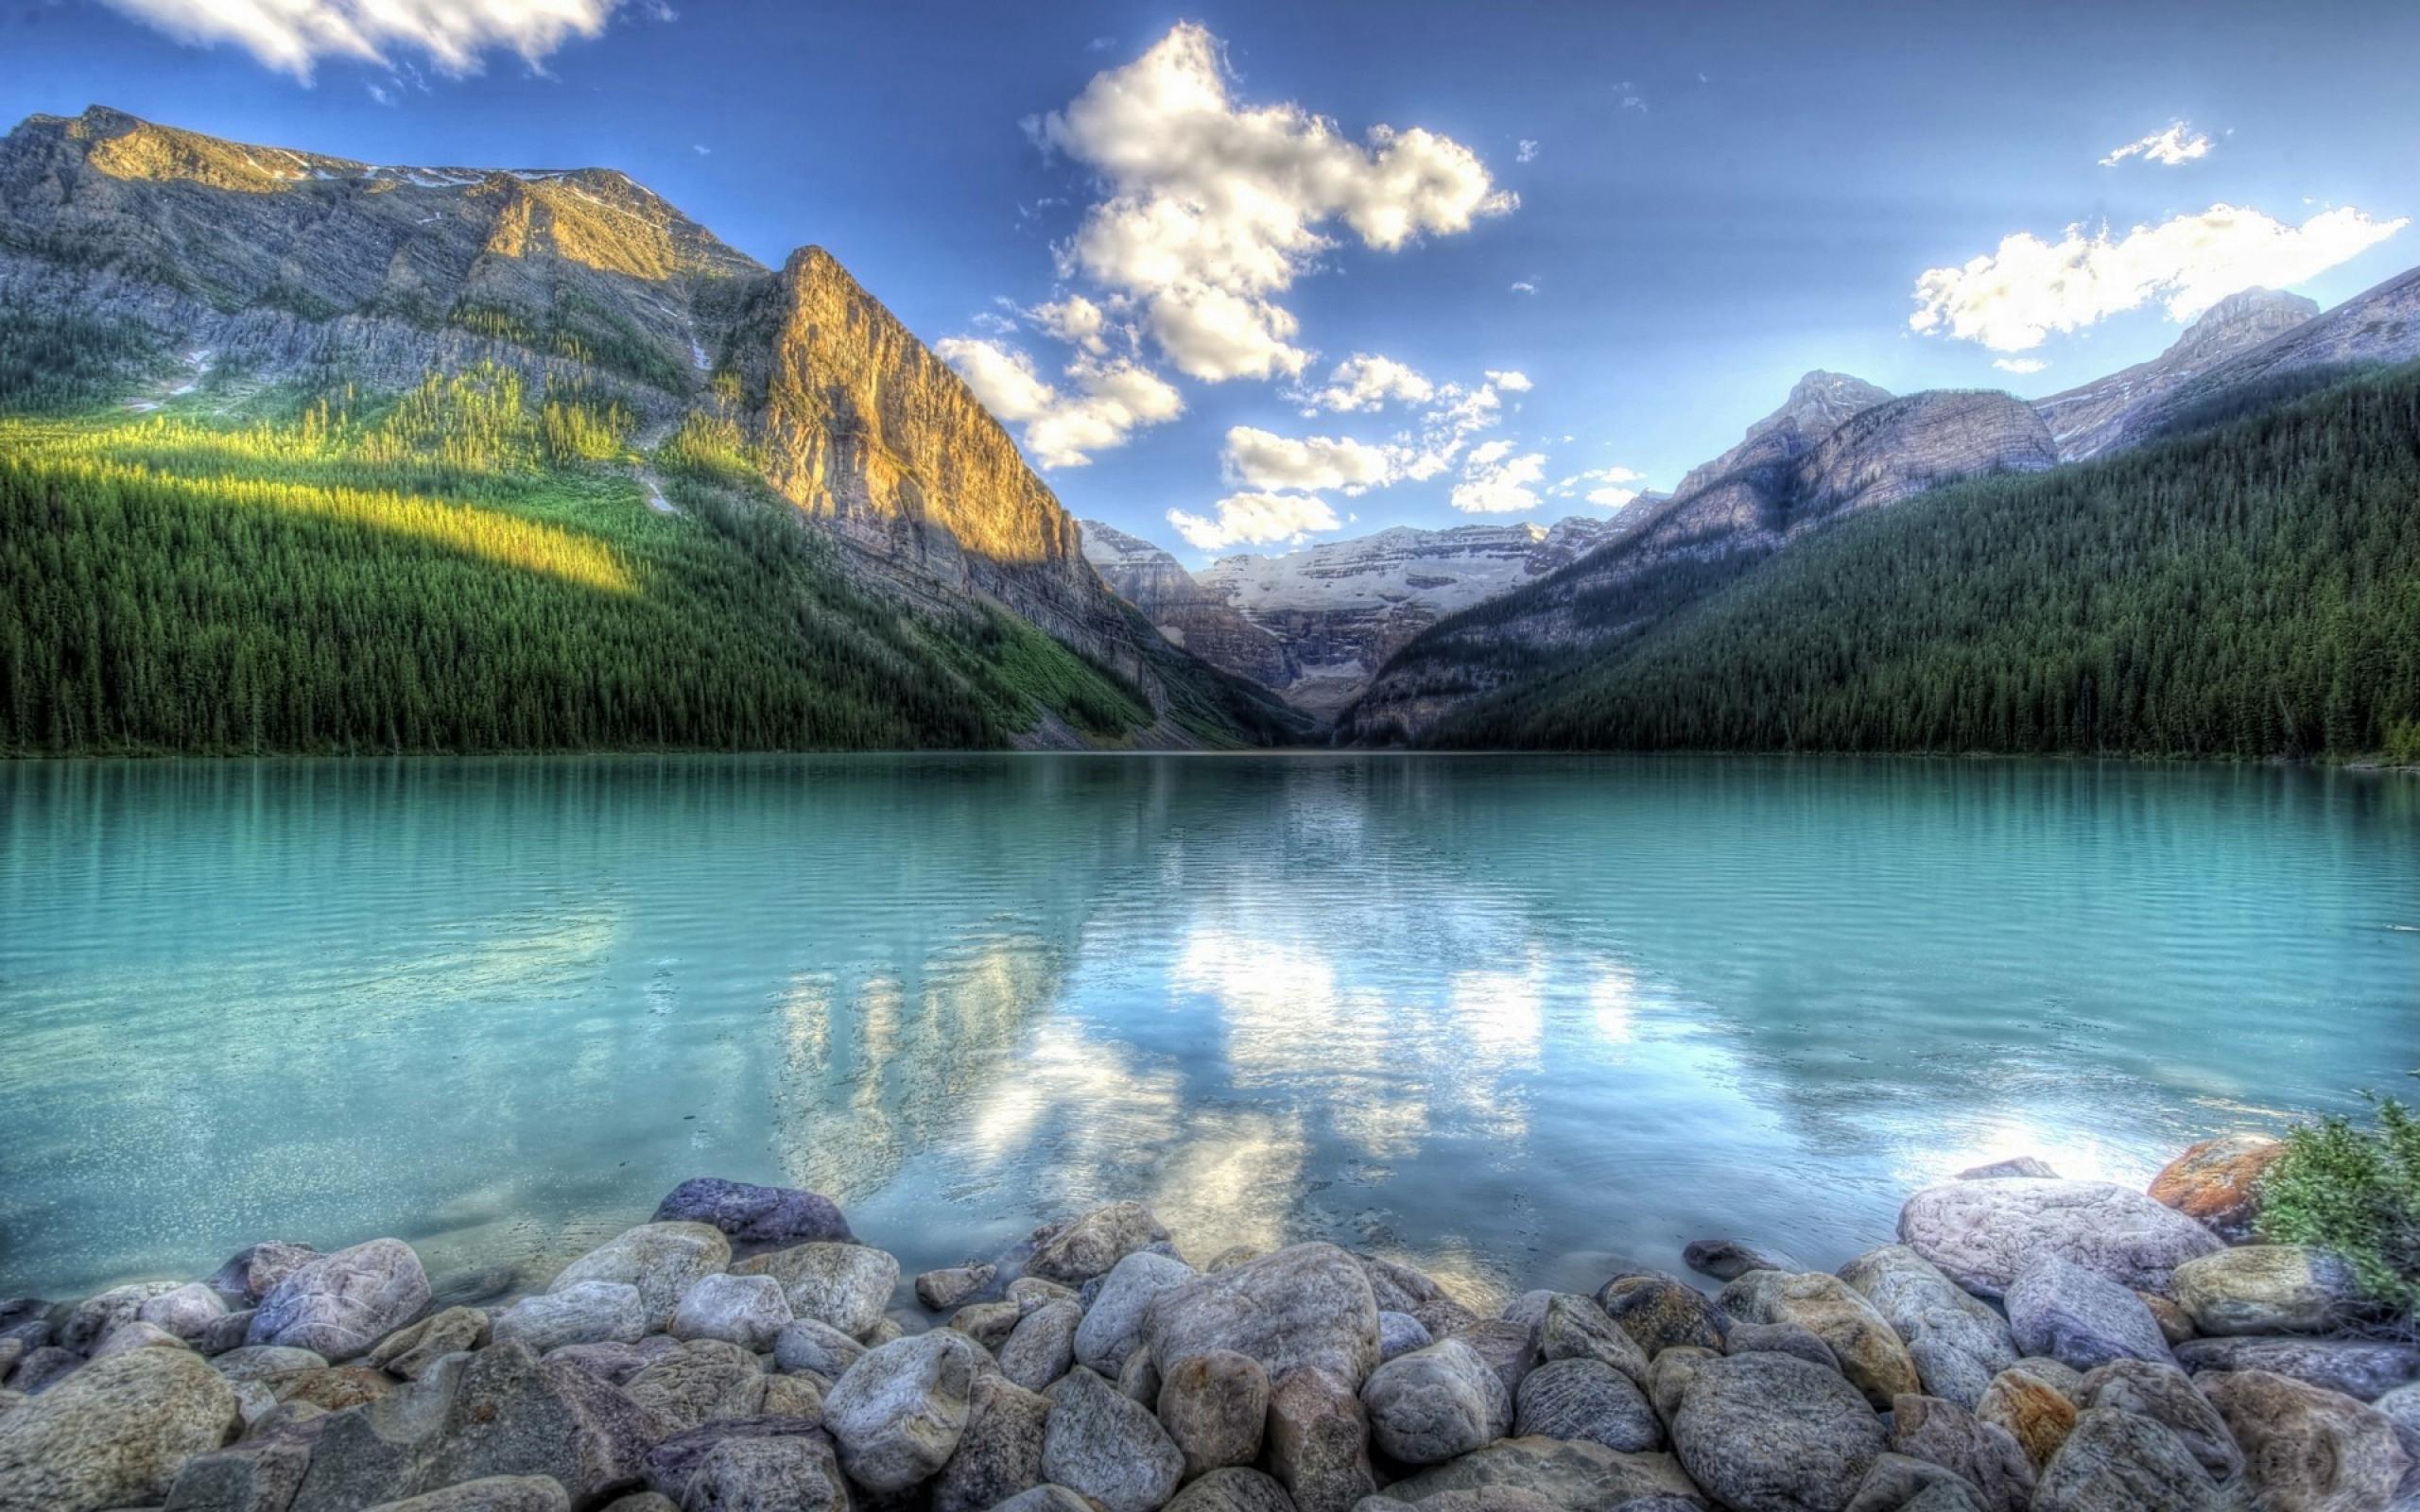 C60 France Shungite Lac Lake Montagne Mountain Wallpaper Hd